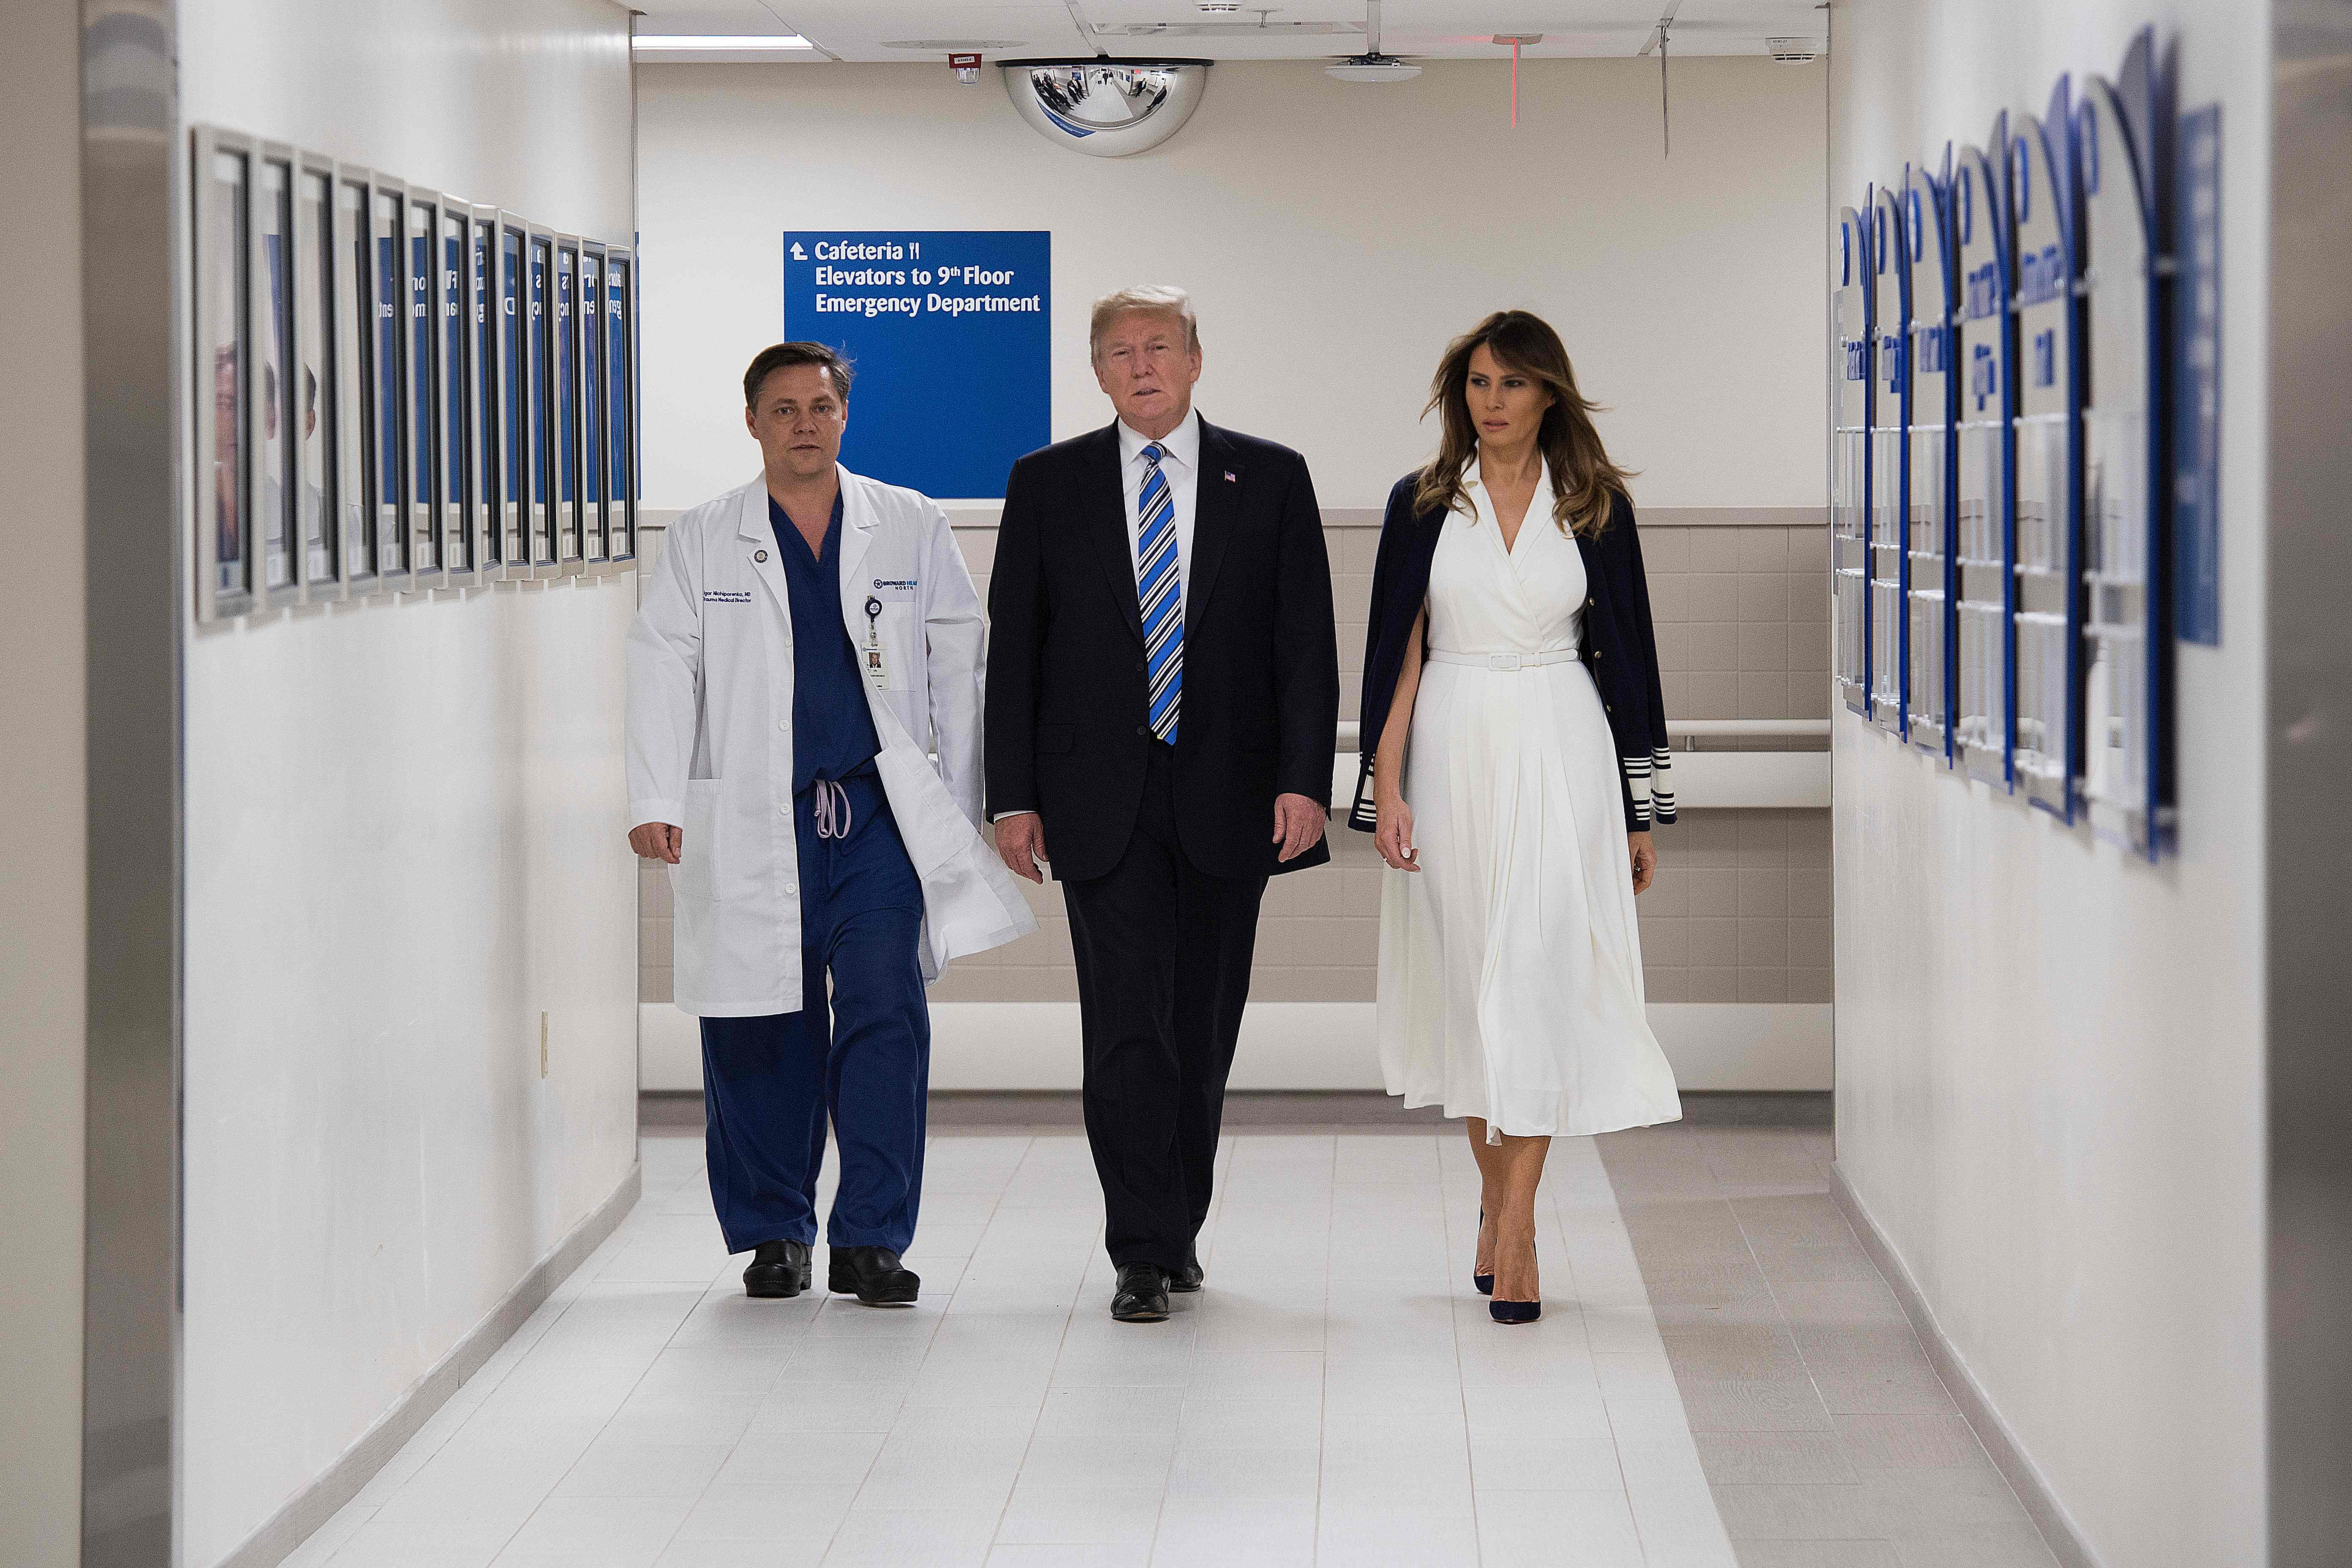 ترامب داخل المستشفى